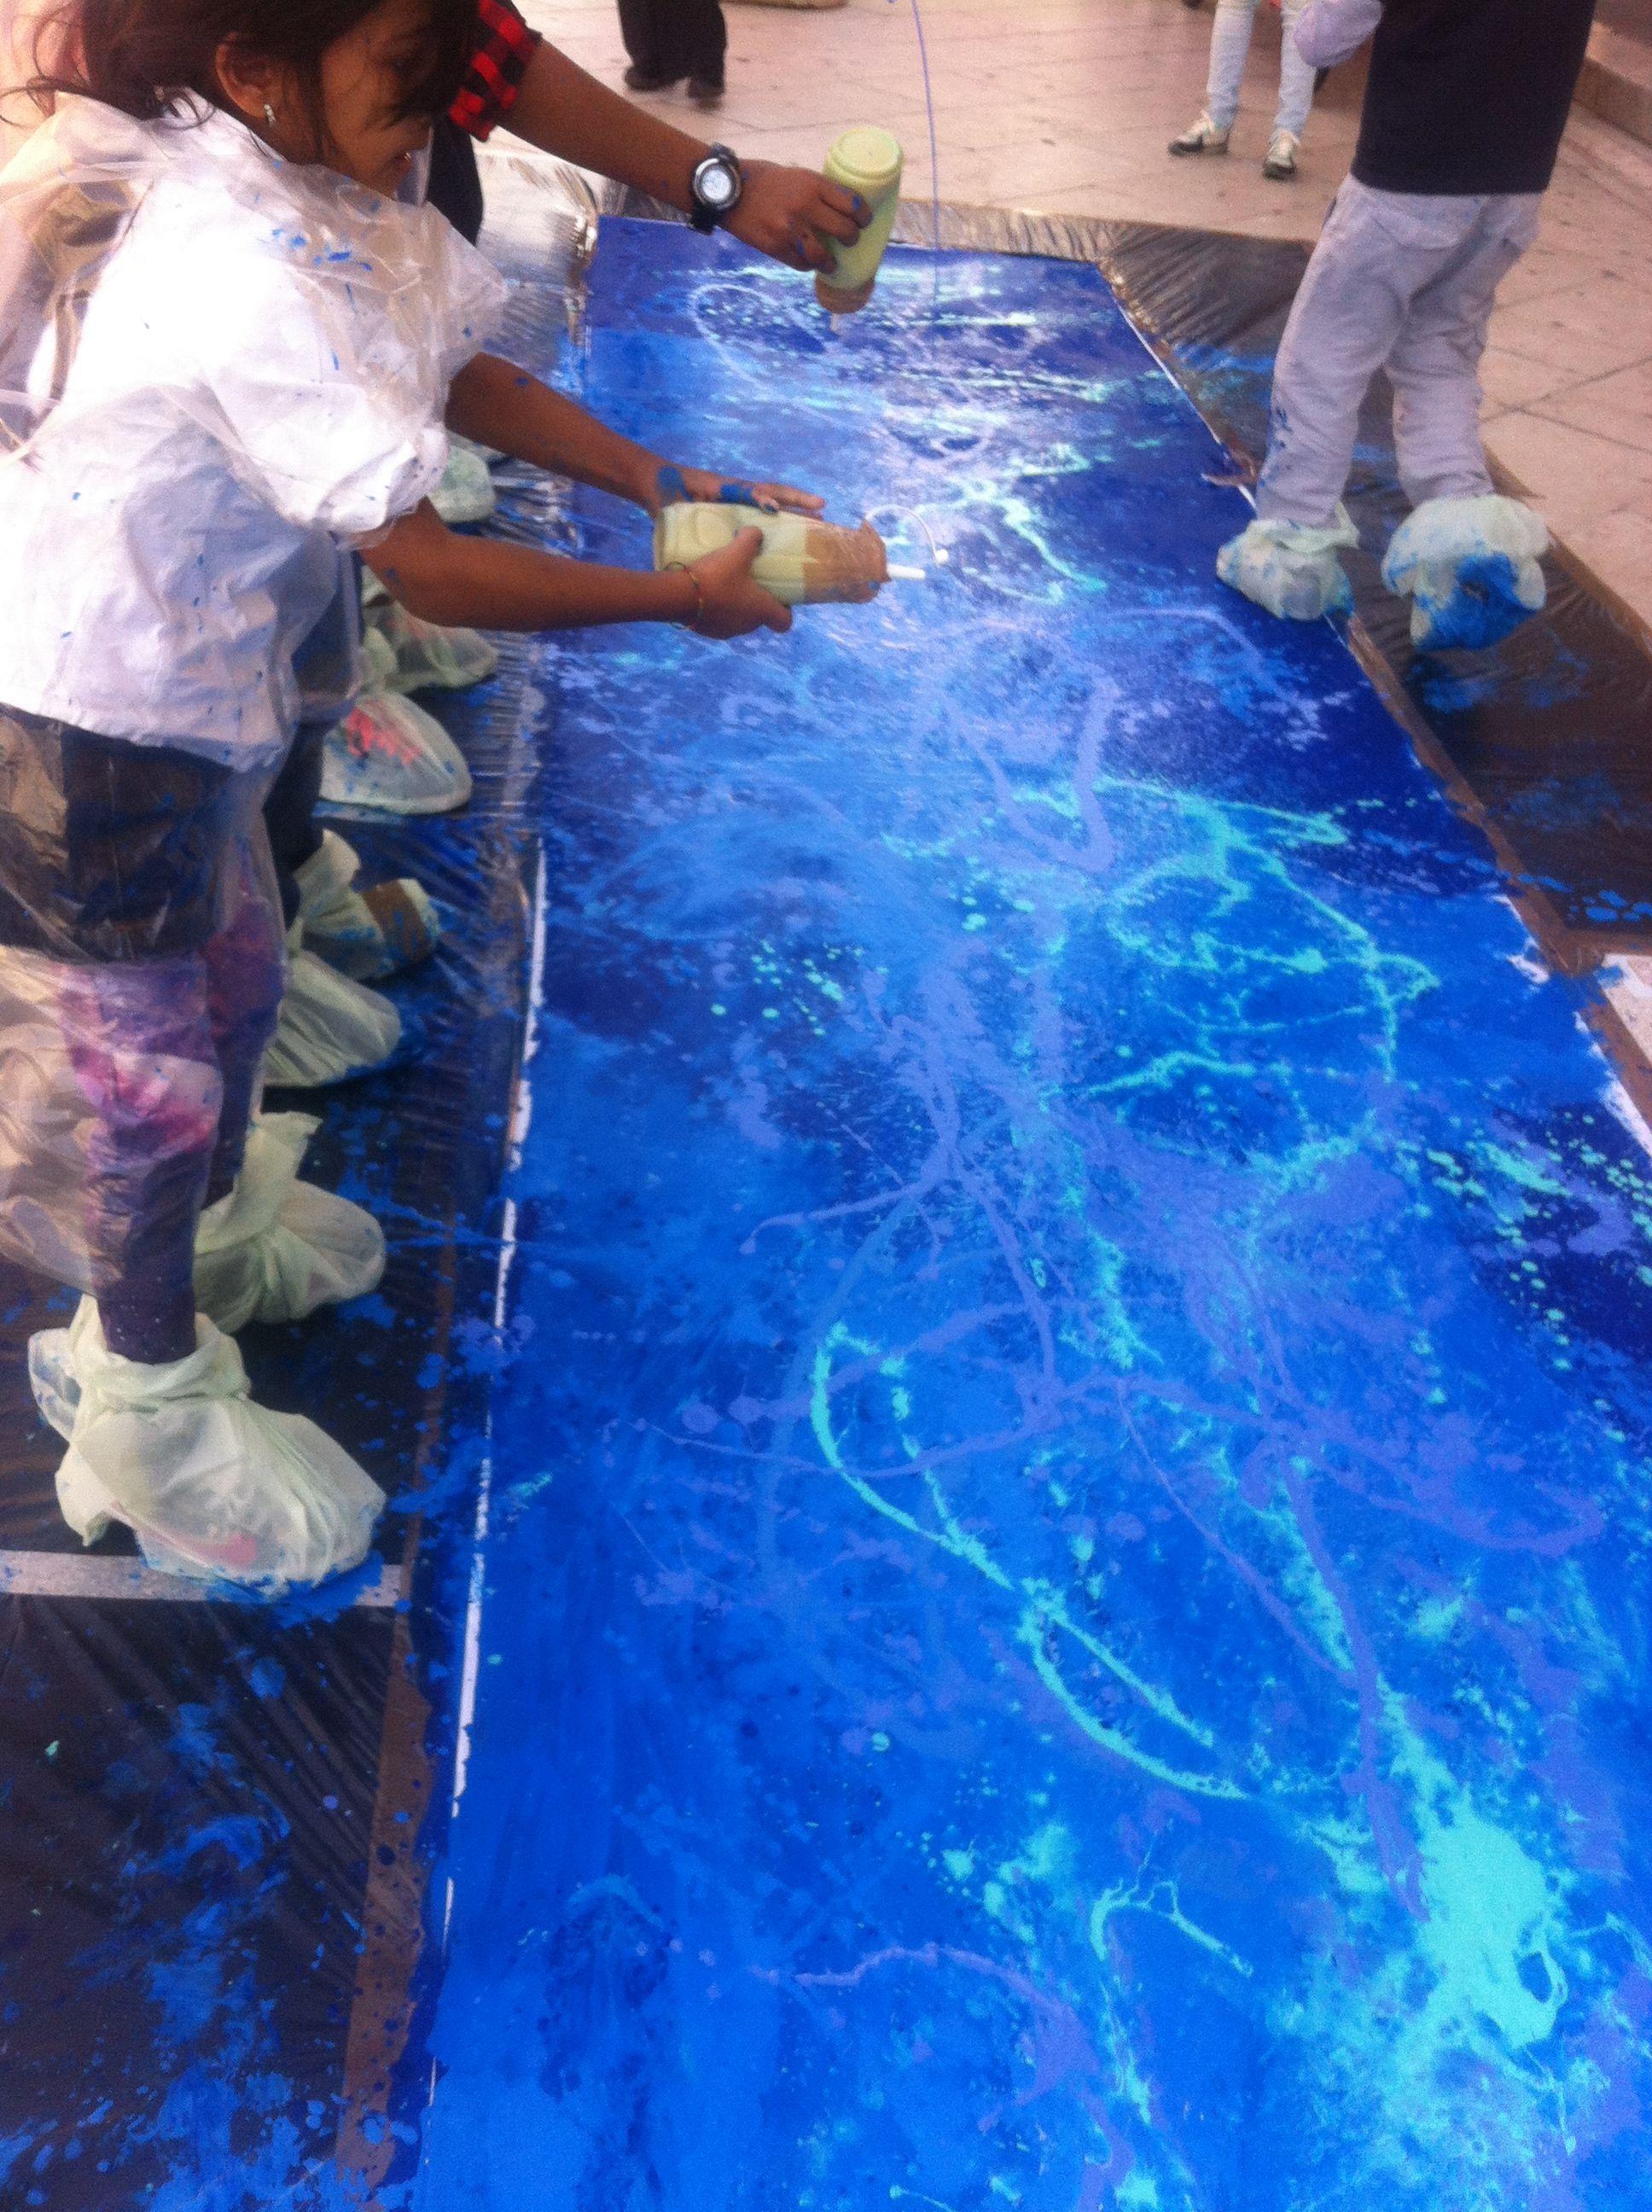 MOVIMENTO LIQUIDO   viaggio nelle acque di un mare di pace Un'attività en plein air volta a realizzare un'opera collettiva di arredo urbano a cura dei bambini e dei giovani della città, pensata per la manifestazione Blue Sea Land (www.bluesealand.it/).